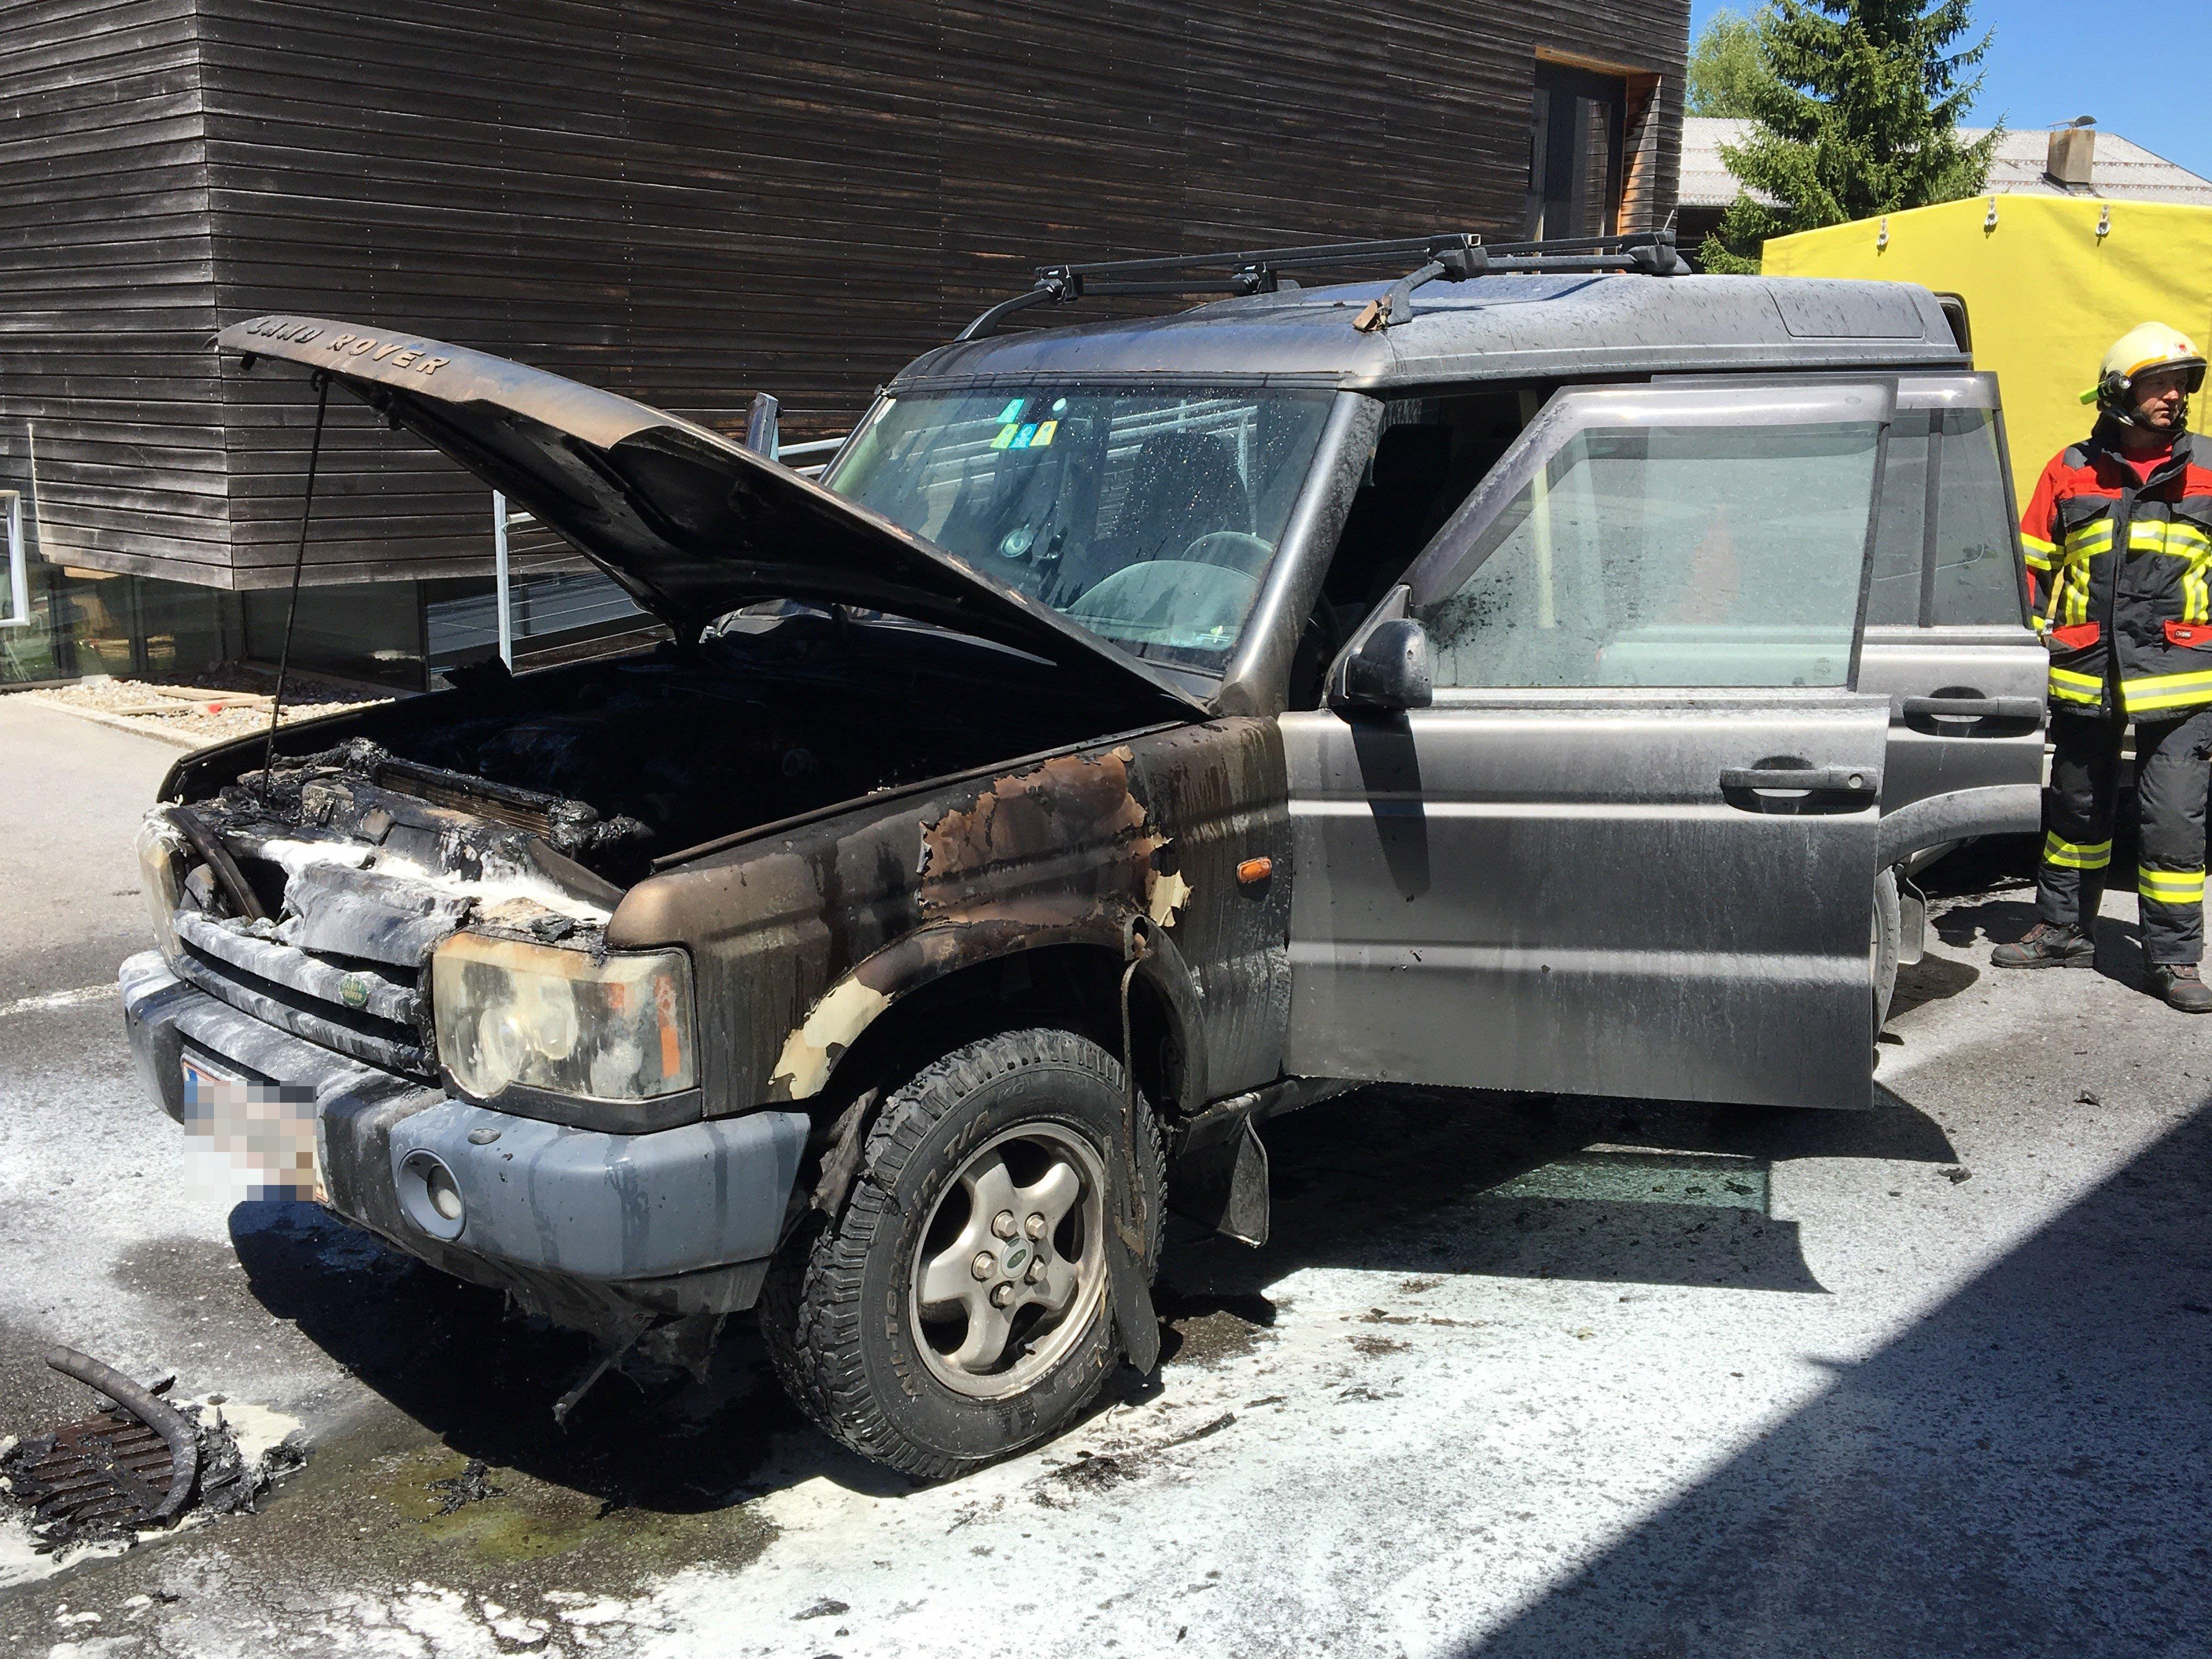 Der Motorraum des Pkw brannte komplett aus.